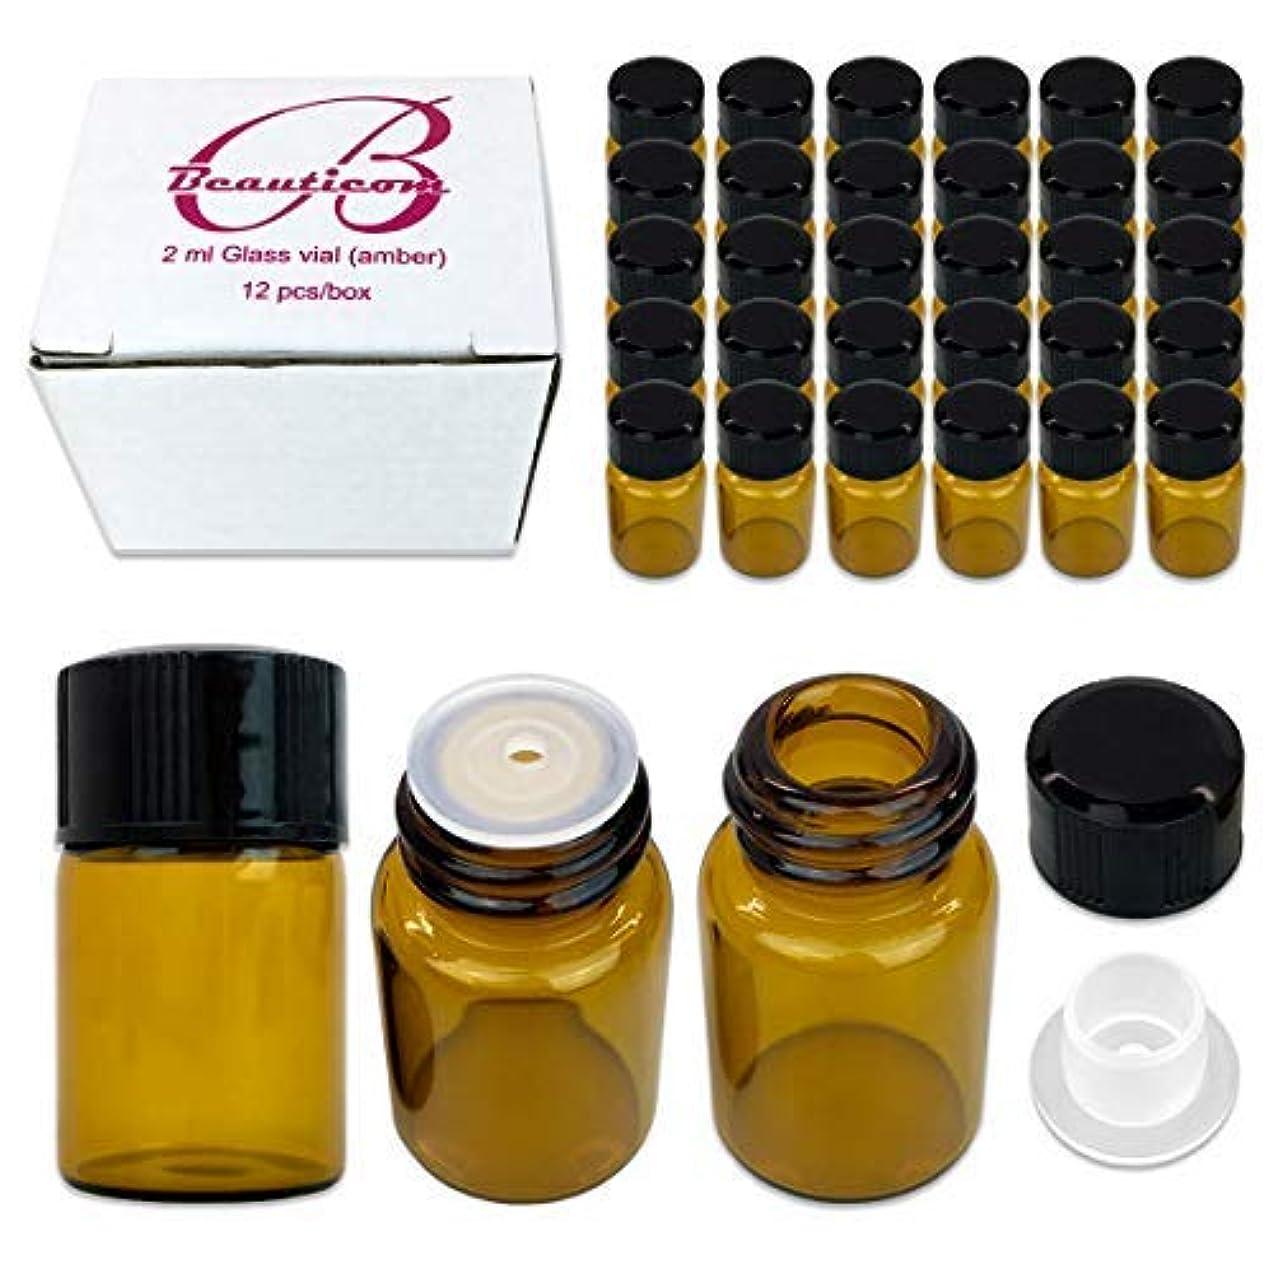 起点有効の慈悲で48 Packs Beauticom 2ML Amber Glass Vial for Essential Oils, Aromatherapy, Fragrance, Serums, Spritzes, with Orifice...